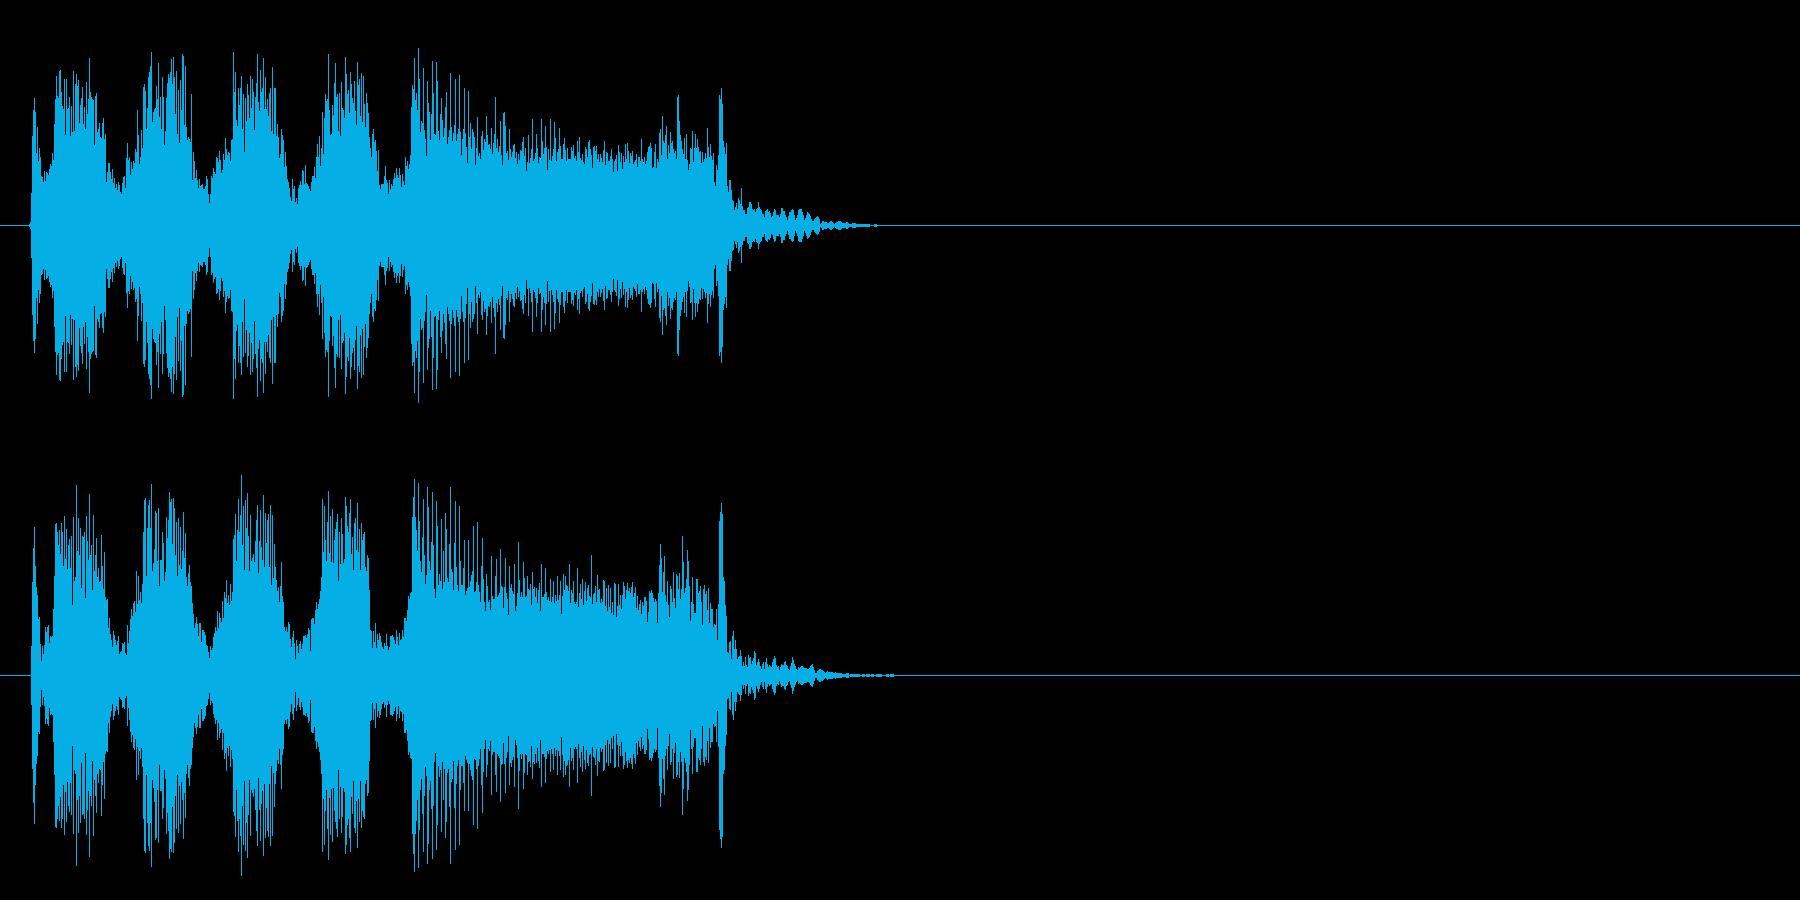 ハード・ギター炸裂のロックなジングルの再生済みの波形